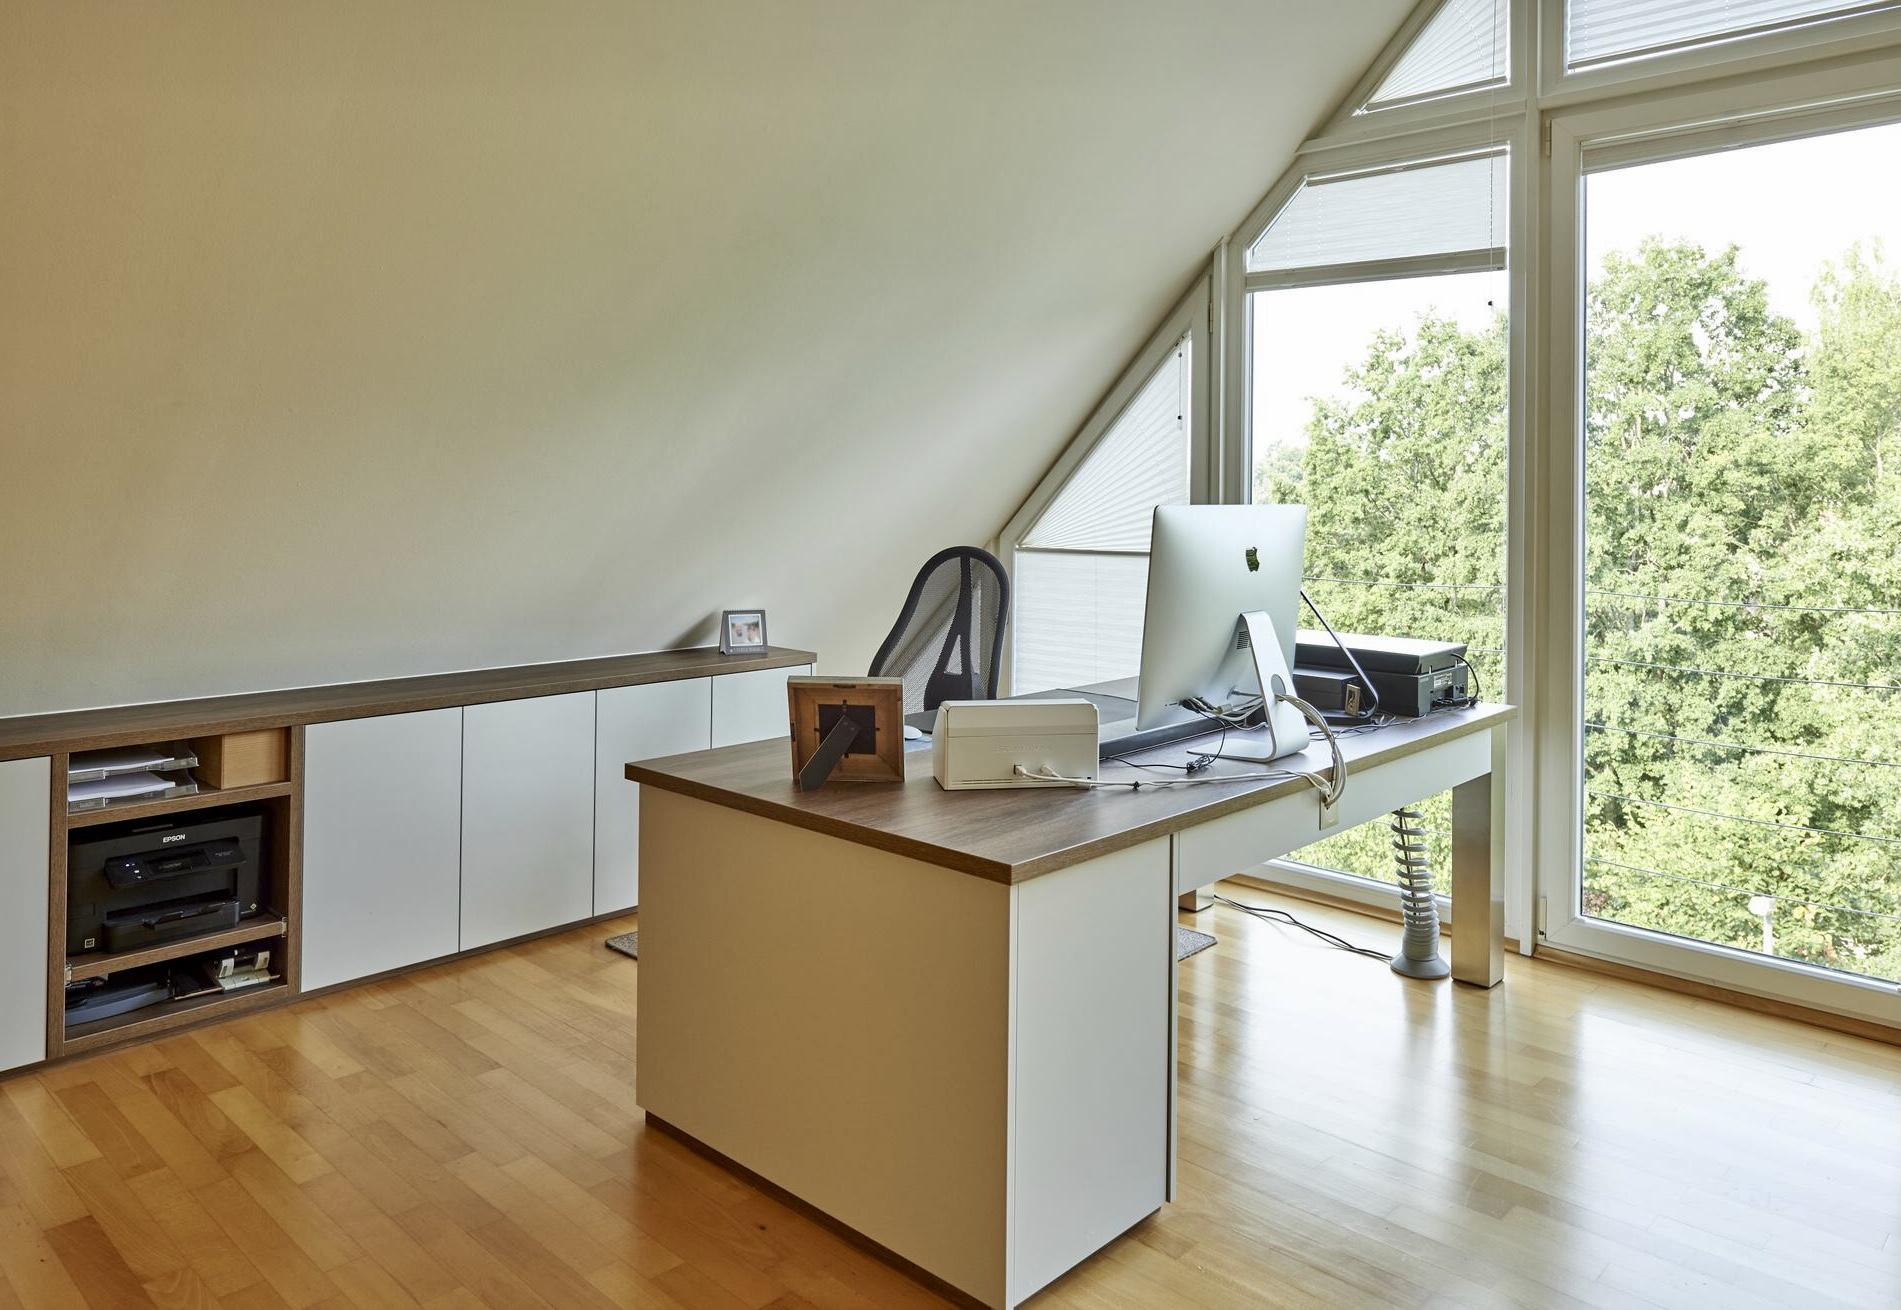 www.ideenraumgeben.de-umgestaltung-eines-grossen-home-office-mit-toller-aussicht-cc06457d-faf5-4705-a34e-3a60bc535af6